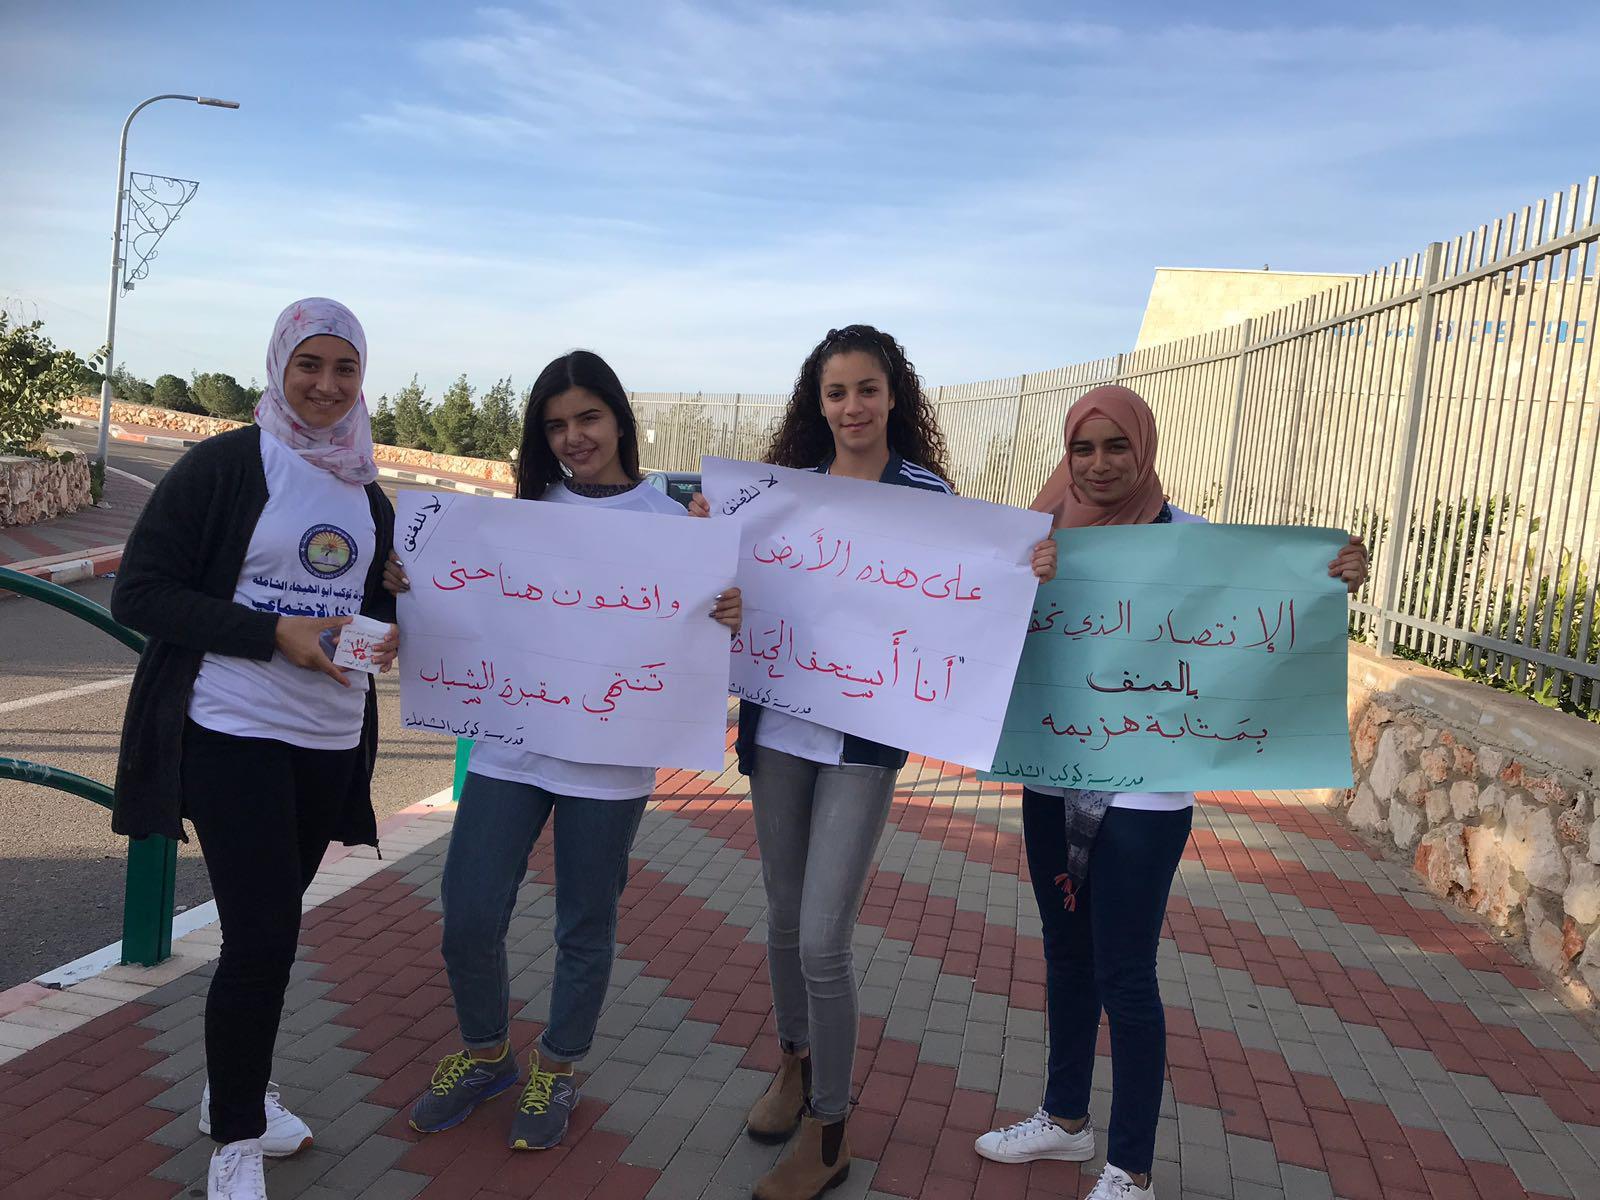 מחאה נגד האלימות